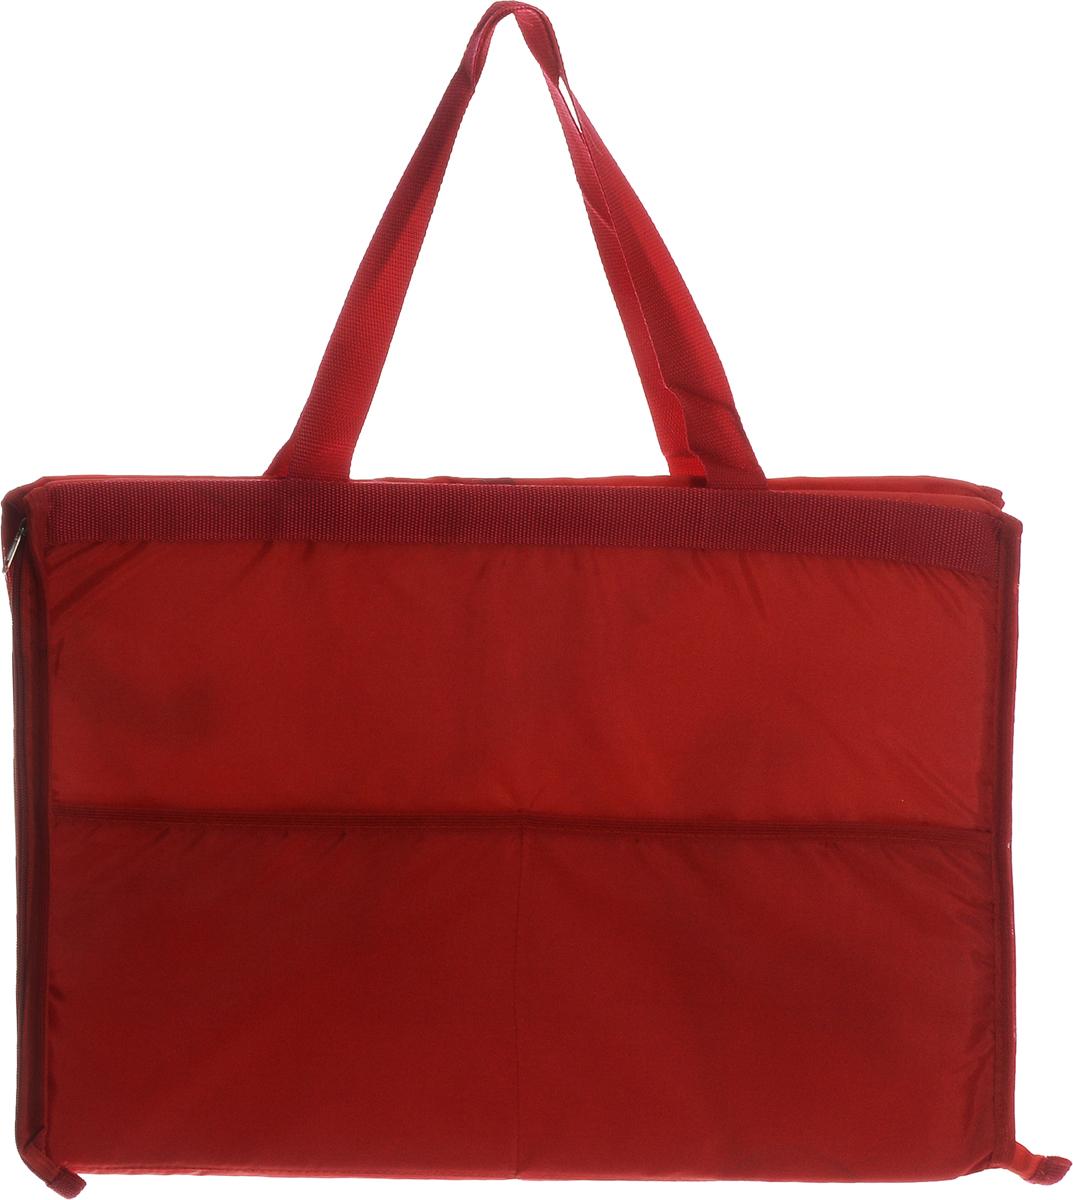 Сумка-коврик для пикника Eva Роза, 52 х 38 смК37_красныйСумка-коврик Eva изготовлена из хлопка, полиэстера, наполнитель - пенополиэтилен. Вместительная сумка на молнии одним движение превращается в удобный пляжный коврик для загорания. Для отдыха на пляже или пикника будет полезной такая вещь, как сумка-коврик. Изделие сделает ваш отдых комфортным и приятным. Размер сумки-коврика (в сложенном виде): 52 х 38 см. Размер сумки-коврика (в развернутом виде): 145 х 52 см.